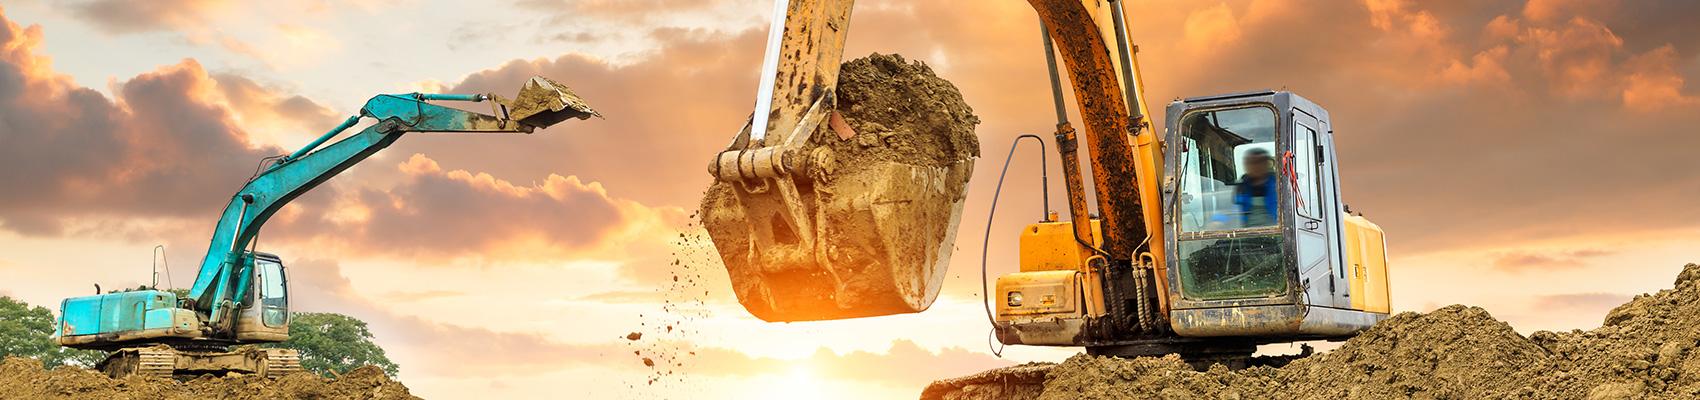 Backhoe loader digging